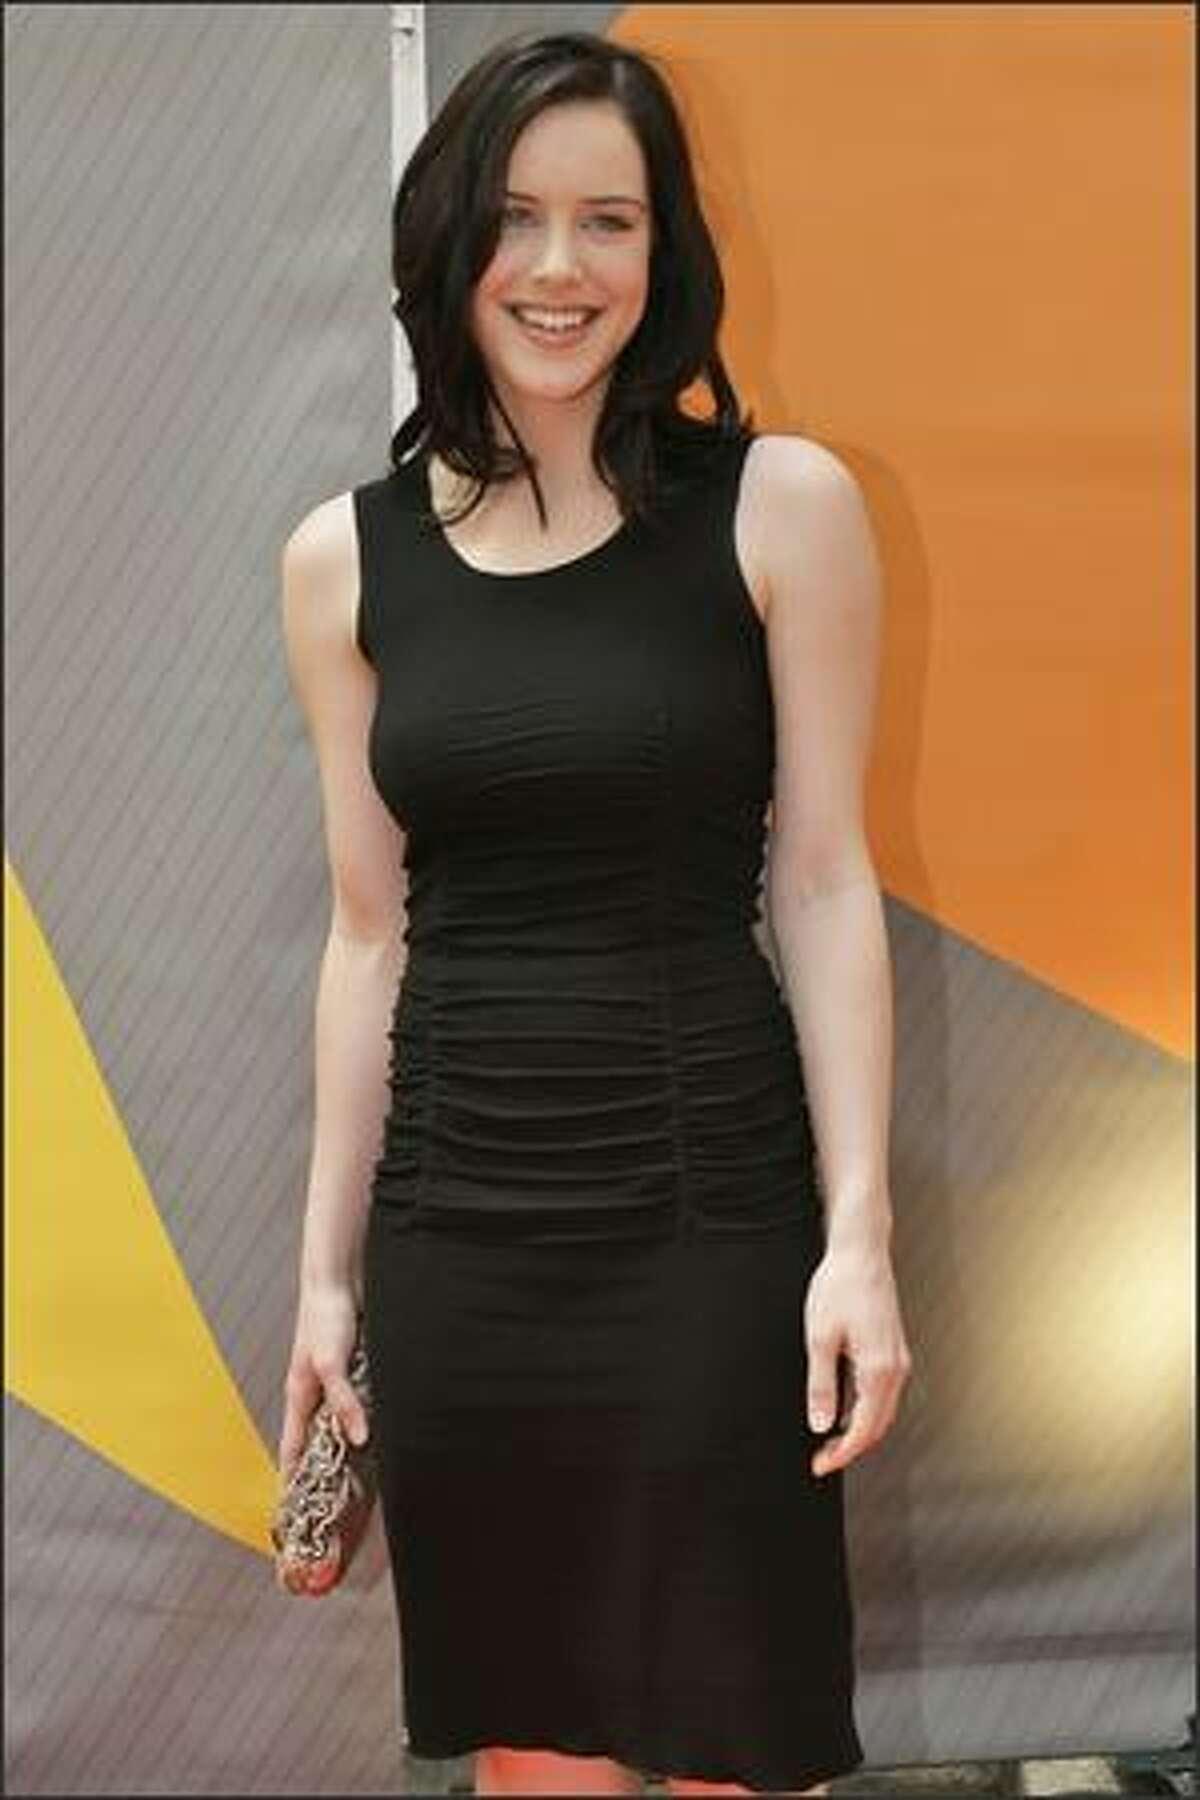 Michelle Ryan, star of